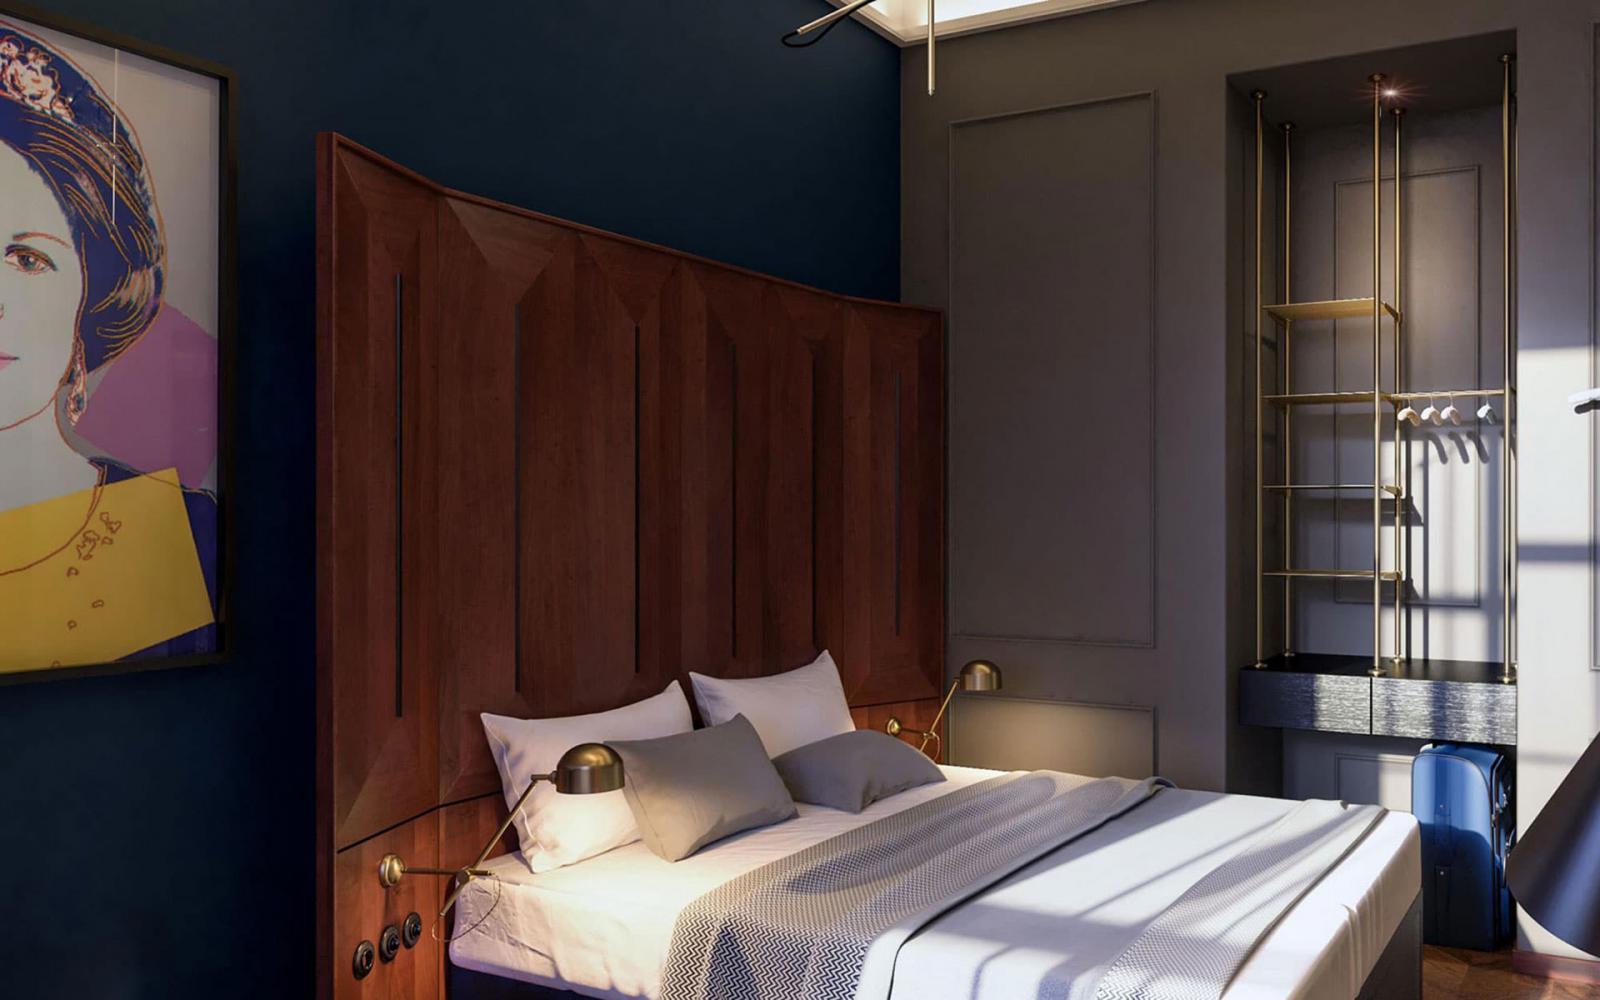 Отель Indigo в Гааге: поп-арт и красота голландского гульдена